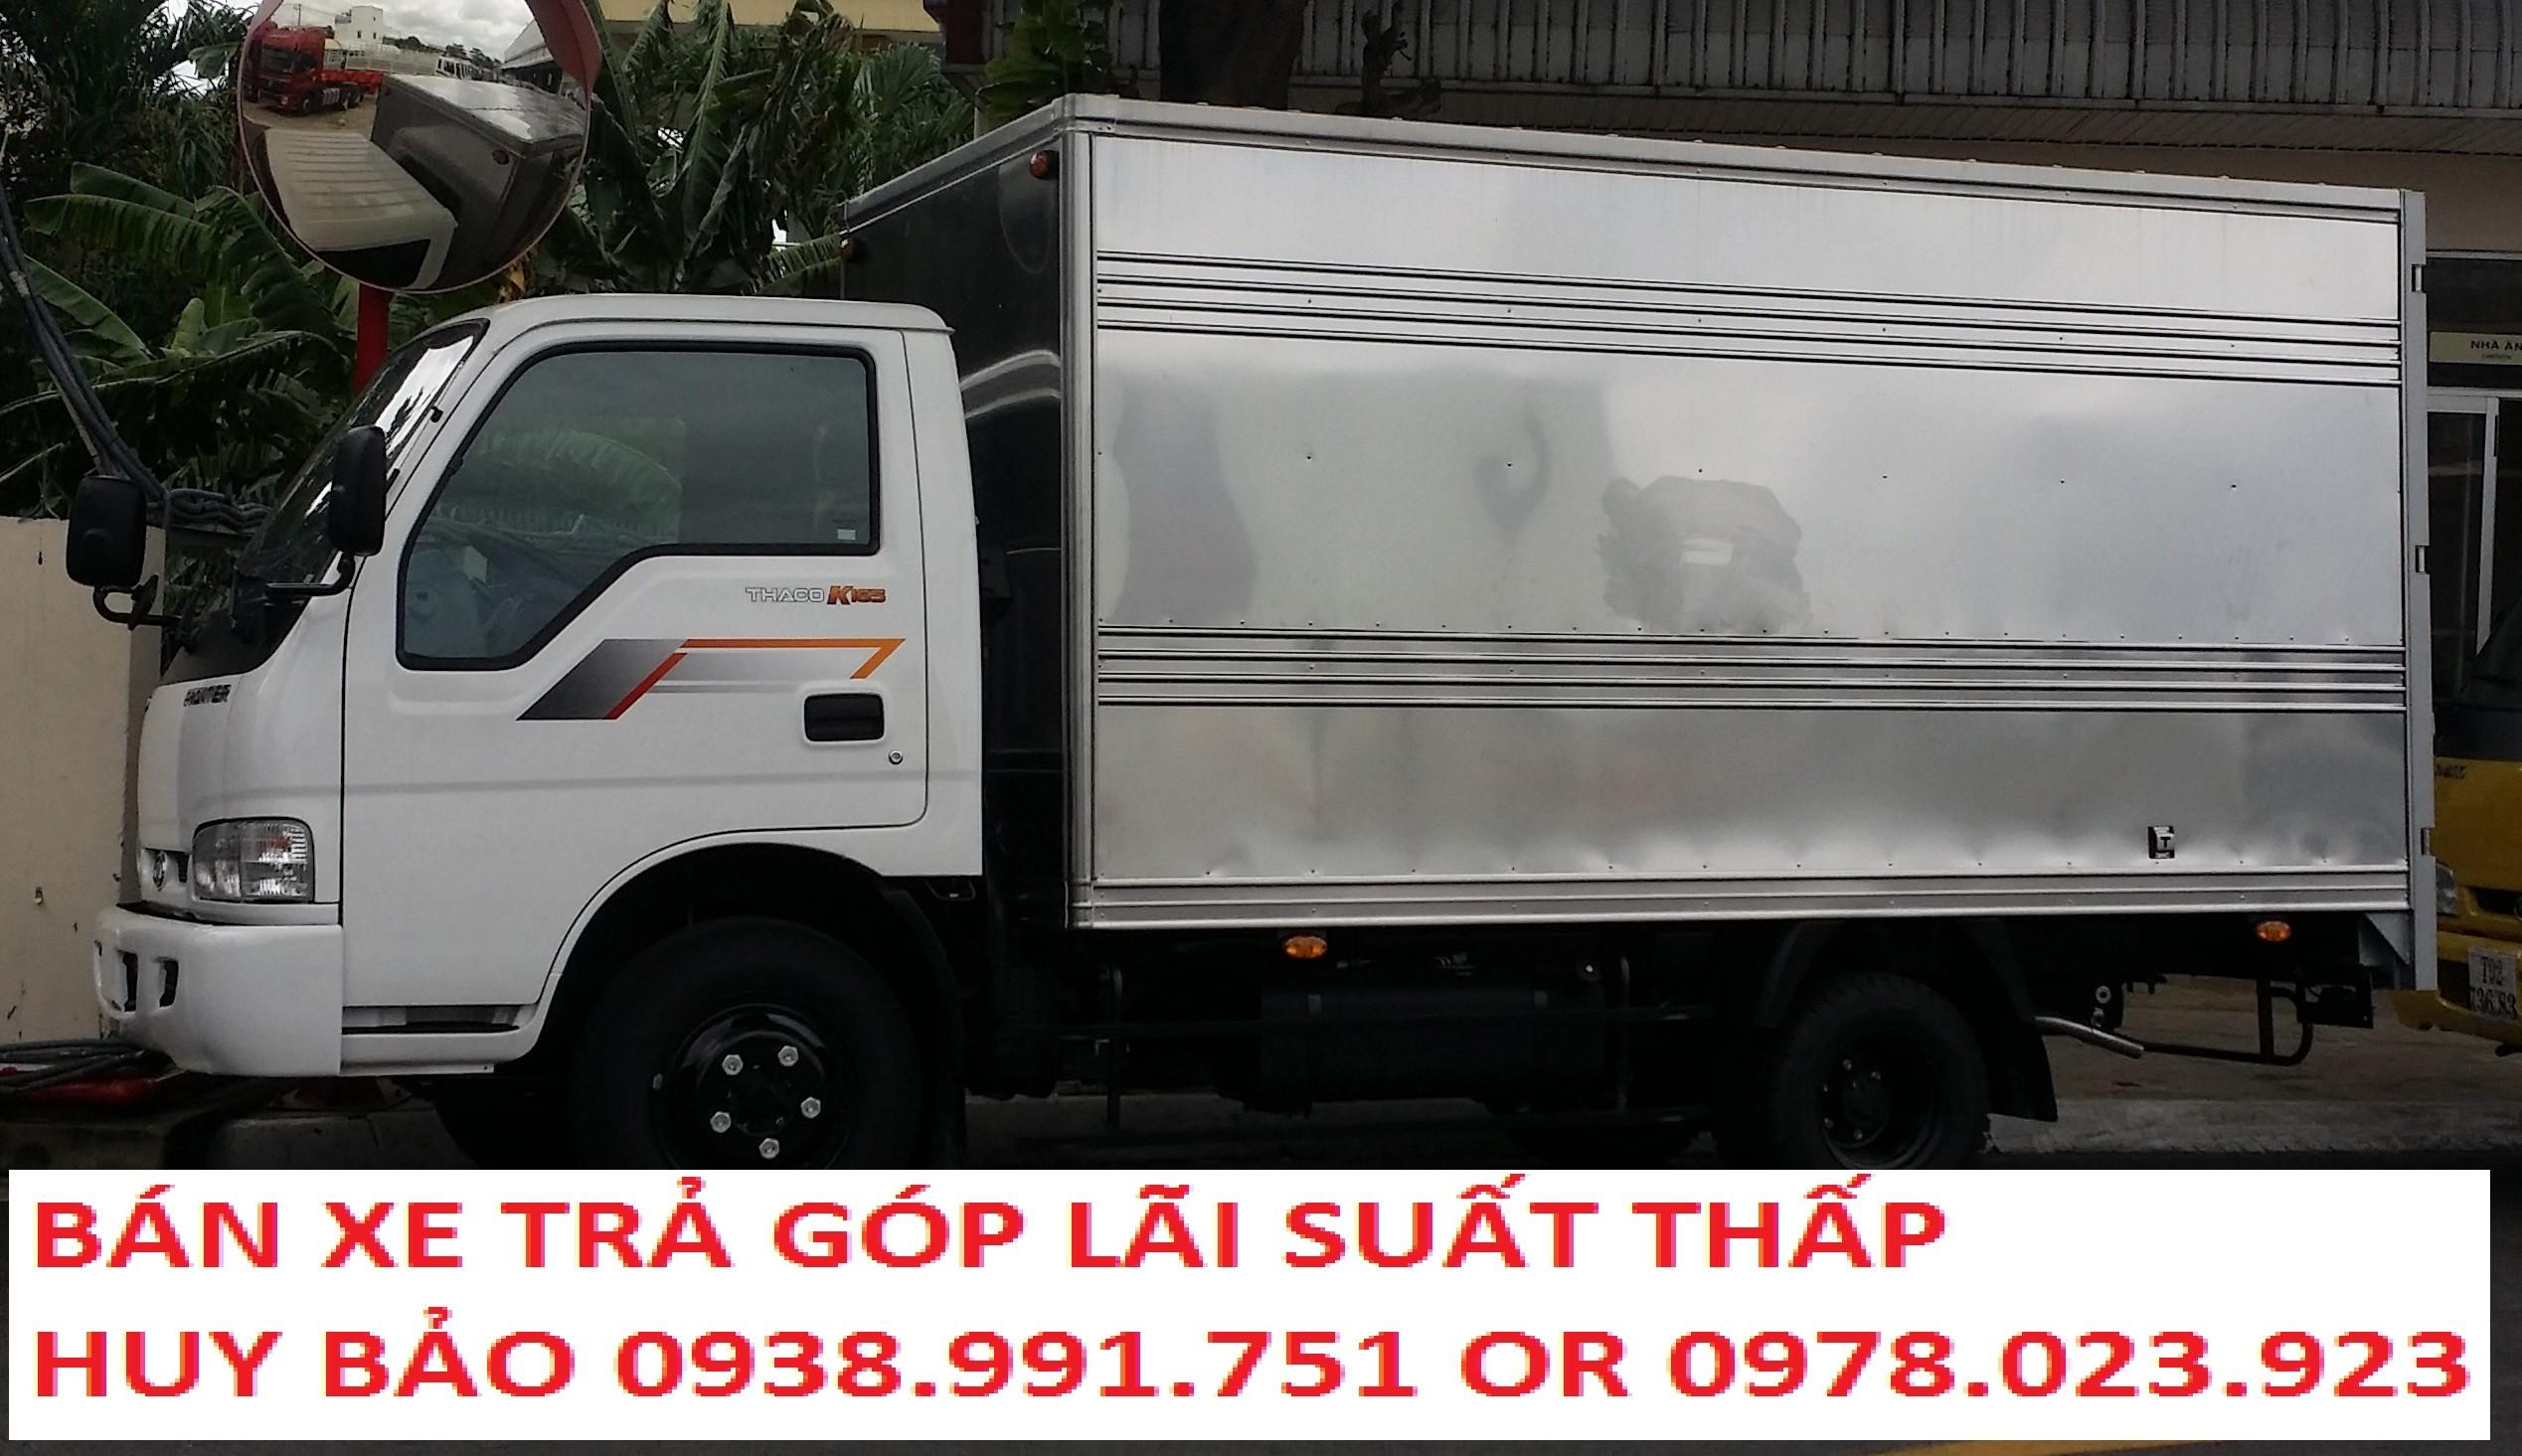 Chuyên bán xe tải kia tải 1 tấn 4, tải 2 tấn 4, xe tải kia đi thành phố k165 hỗ trợ vây cao Ảnh số 41553297